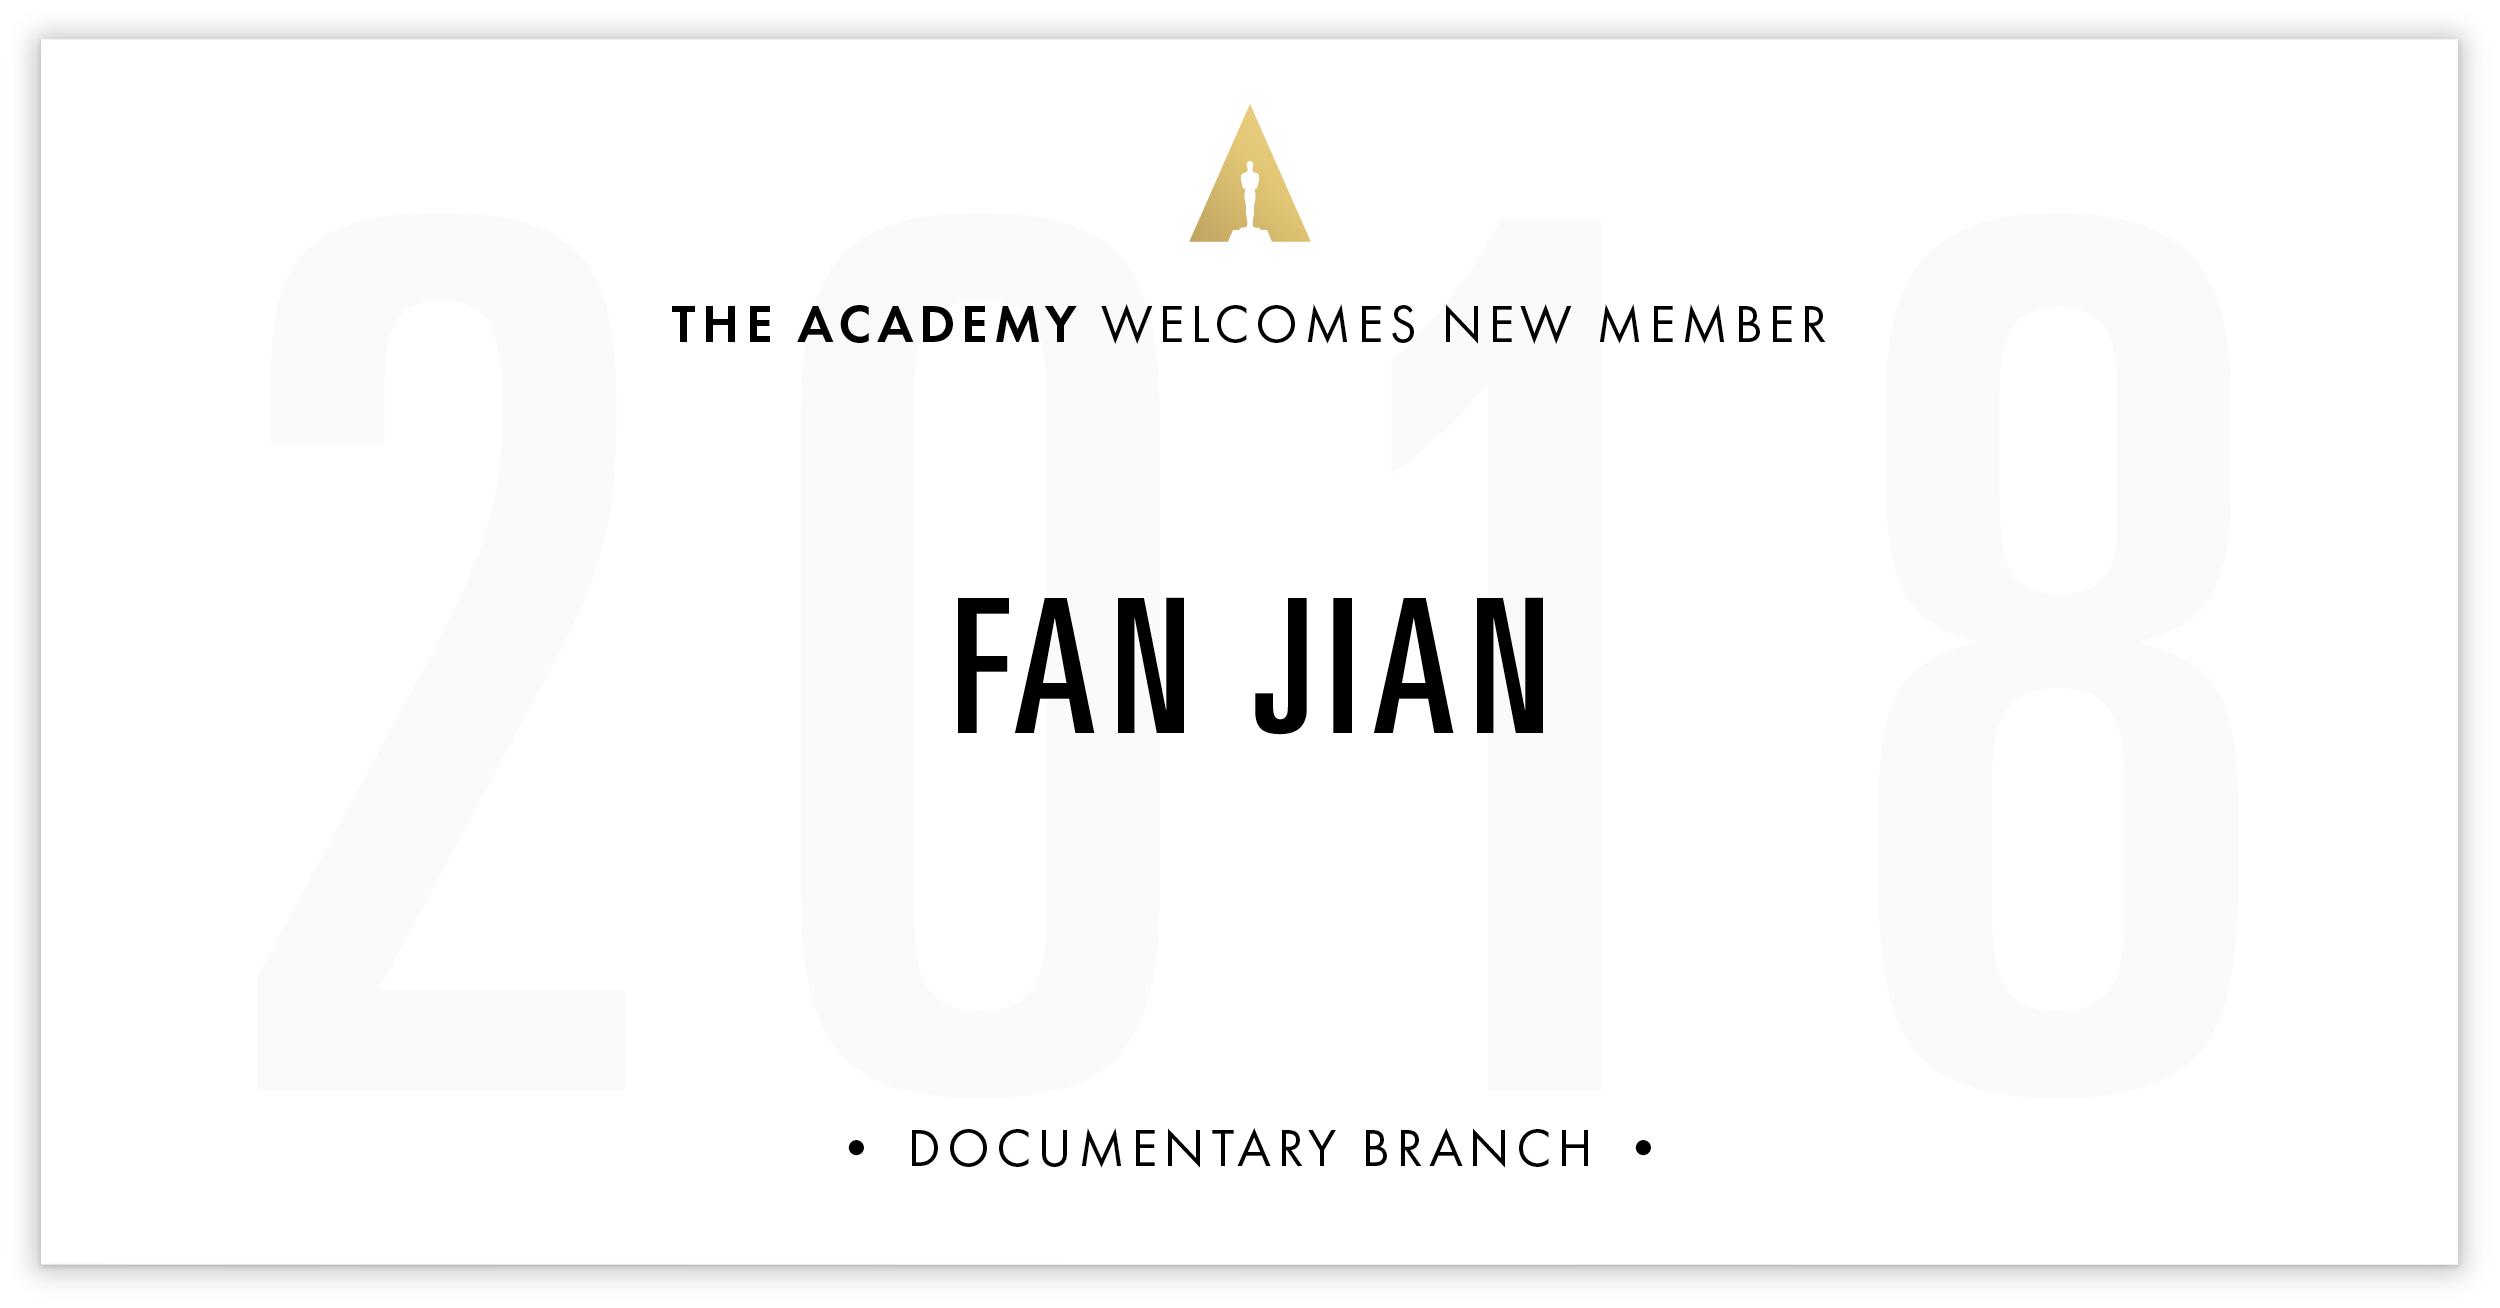 Fan Jian is invited!